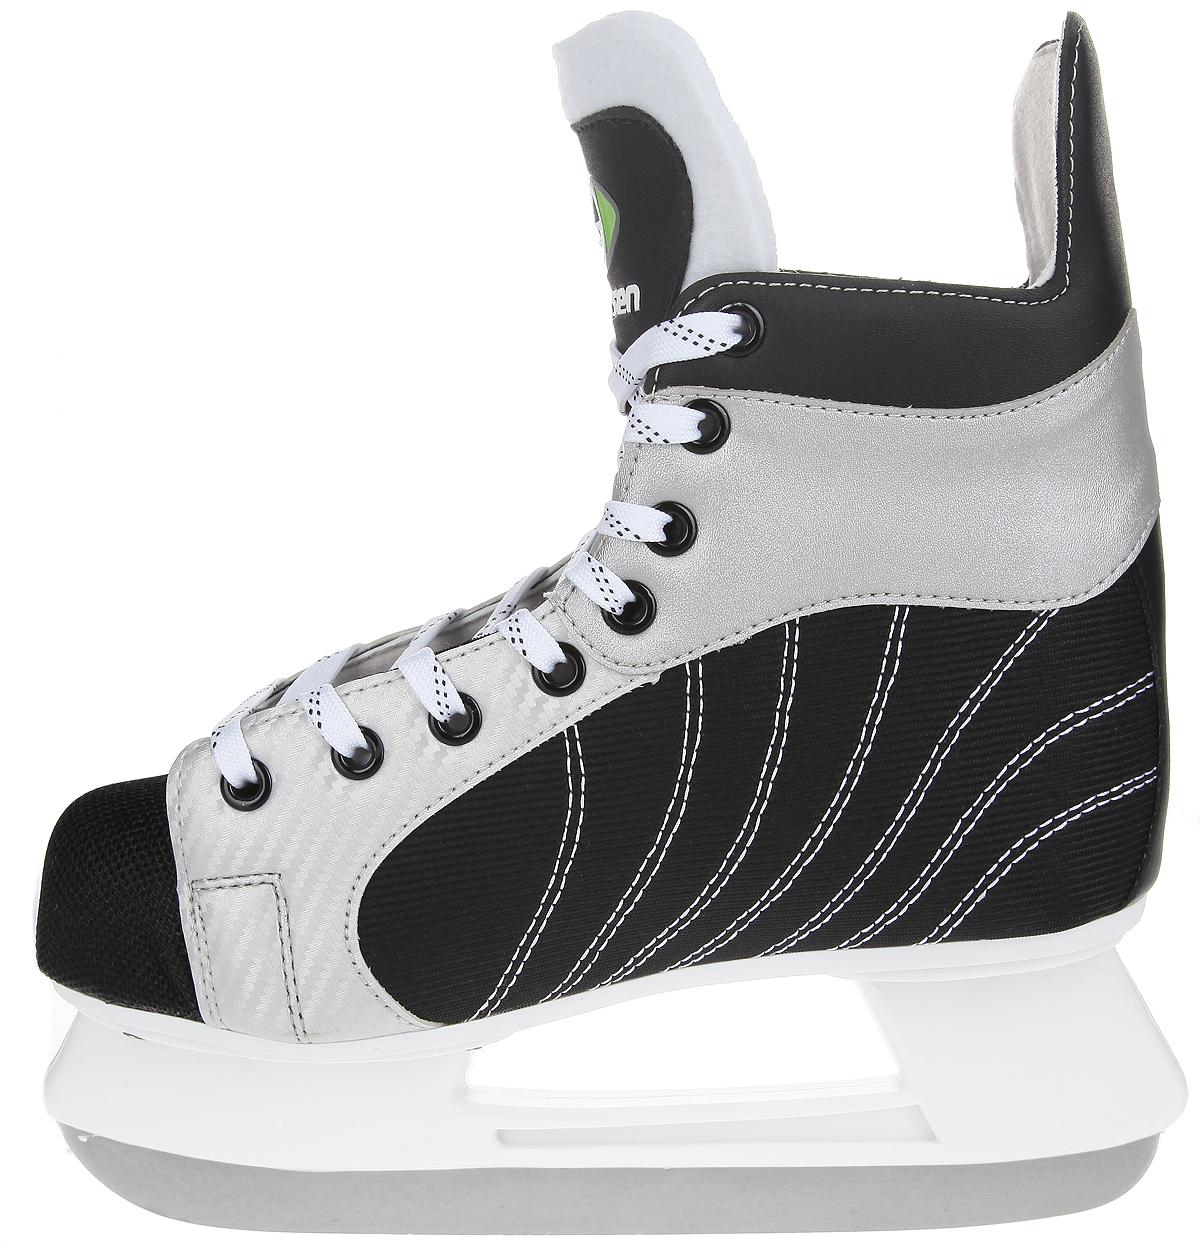 Коньки хоккейные мужские Larsen Light, цвет: черный, серебристый, белый. Размер 42